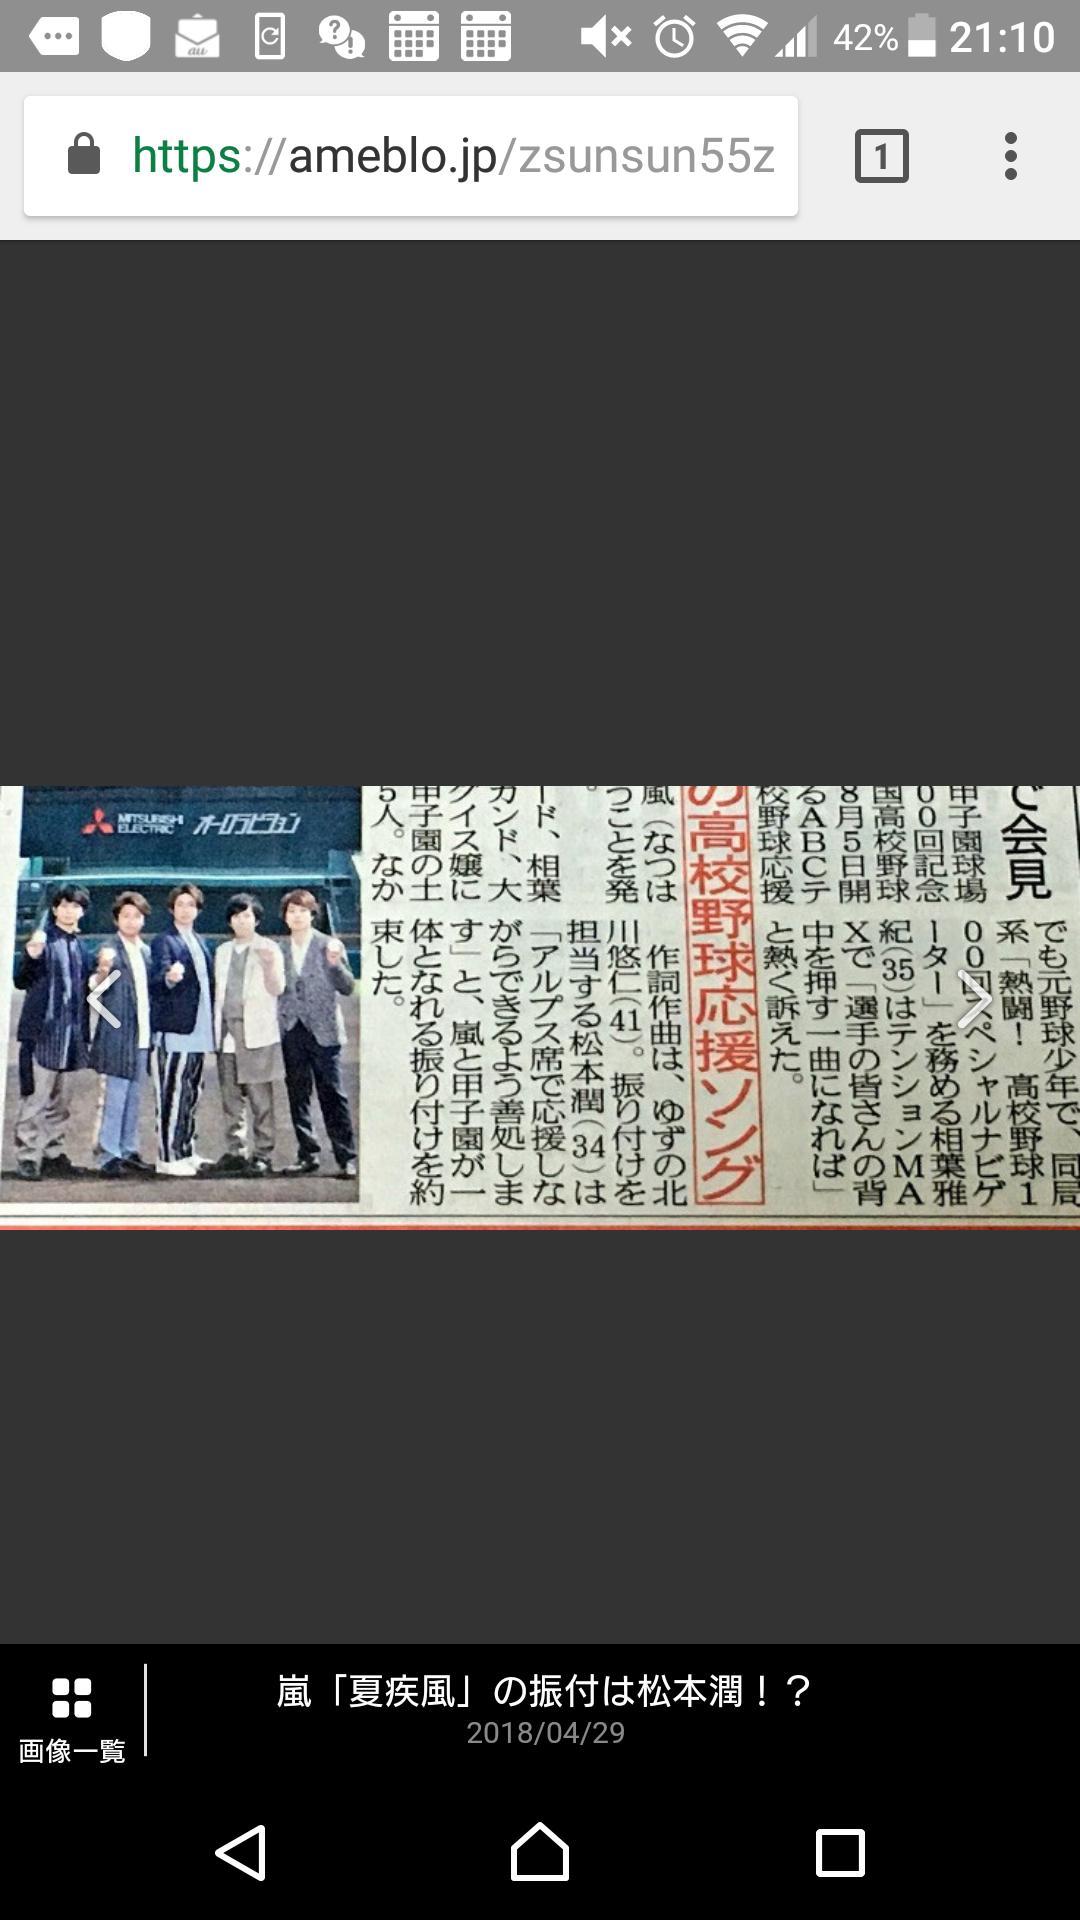 松本潤の出演連ドラ「好きな作品」ランキング 『花男』『99.9』の勝負は…